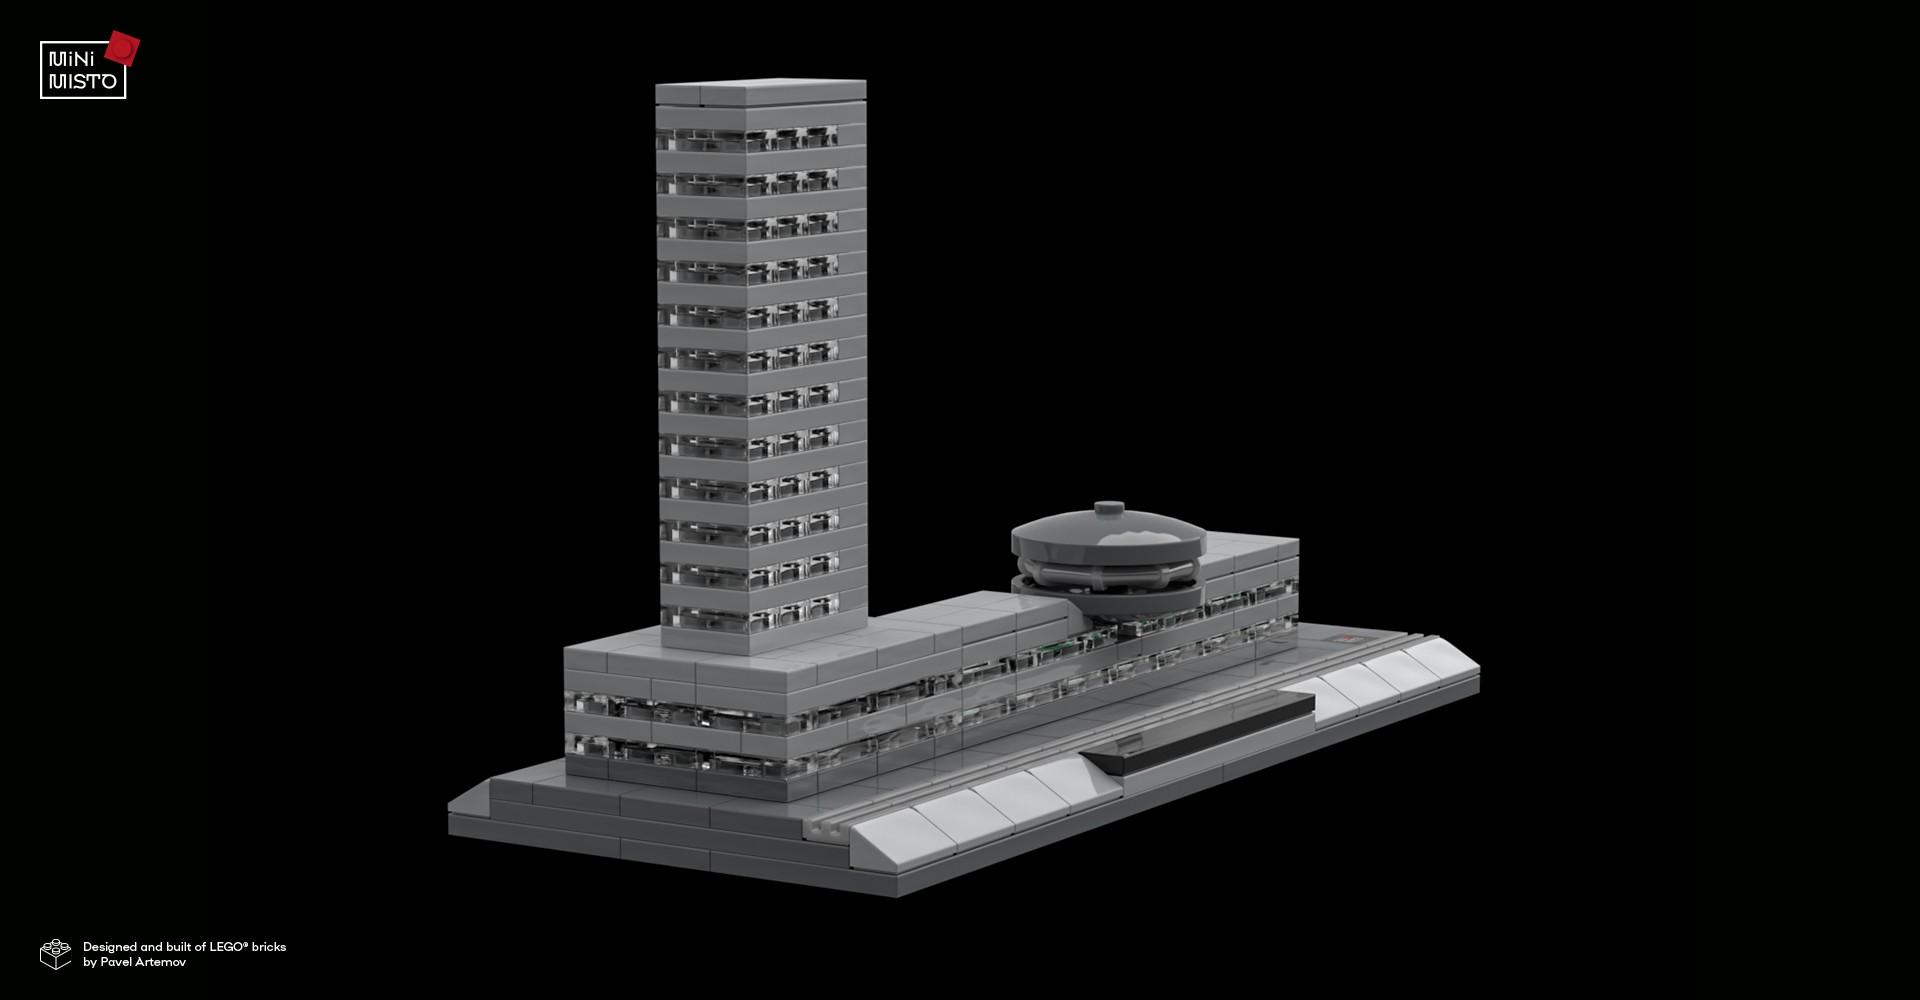 Тарелка на Лыбедской, Киев, LEGO-модель, П. Артемов